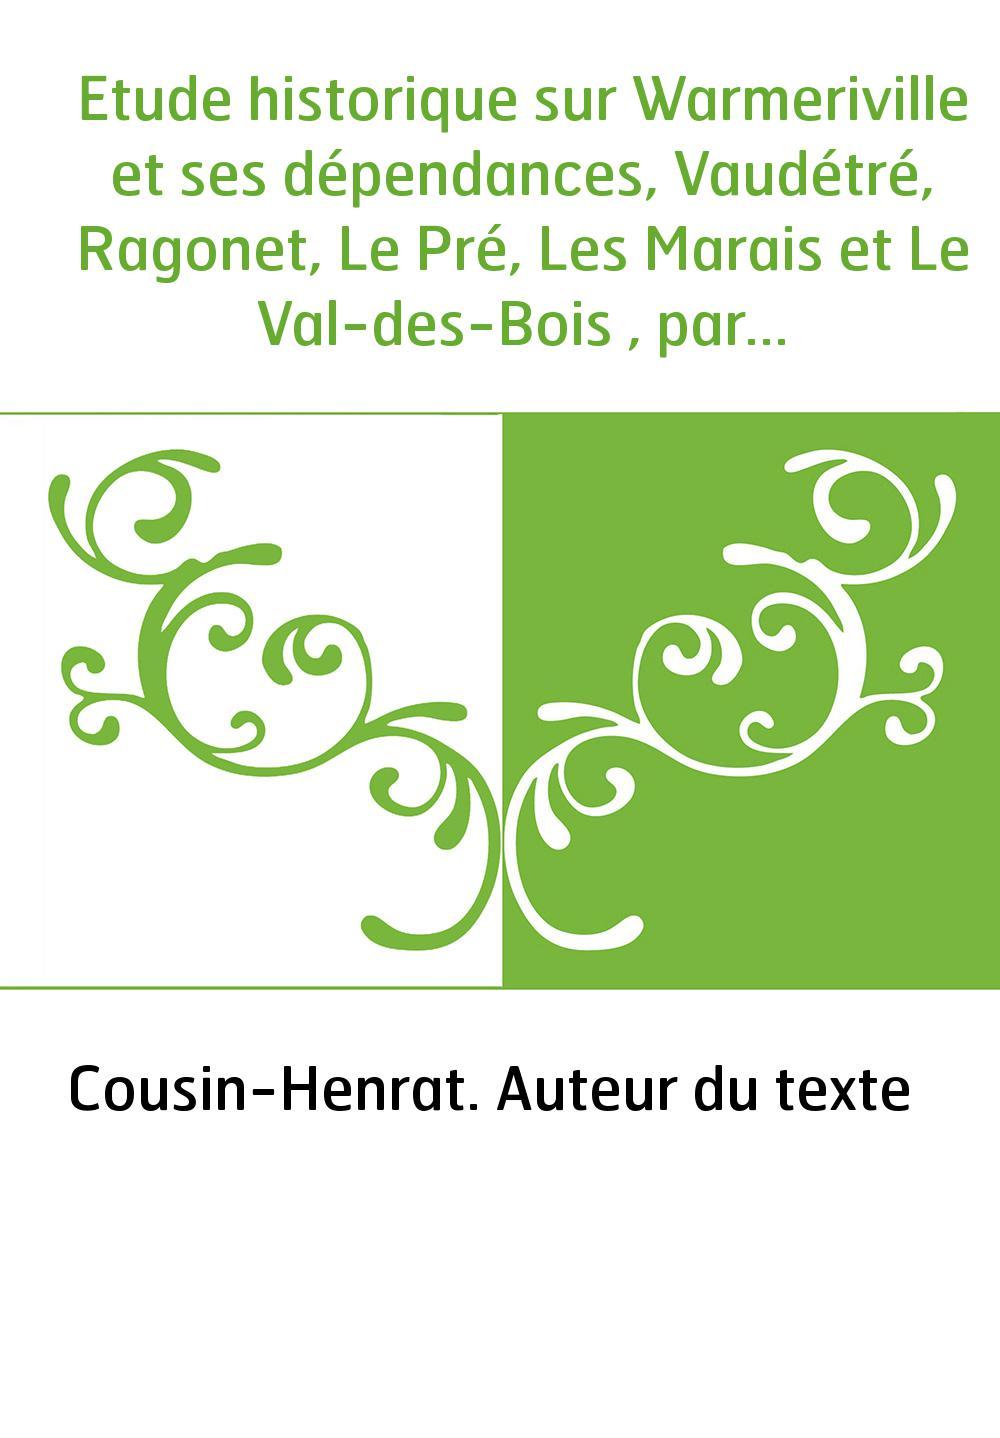 Etude historique sur Warmeriville et ses dépendances, Vaudétré, Ragonet, Le Pré, Les Marais et Le Val-des-Bois , par Cousin-Henr